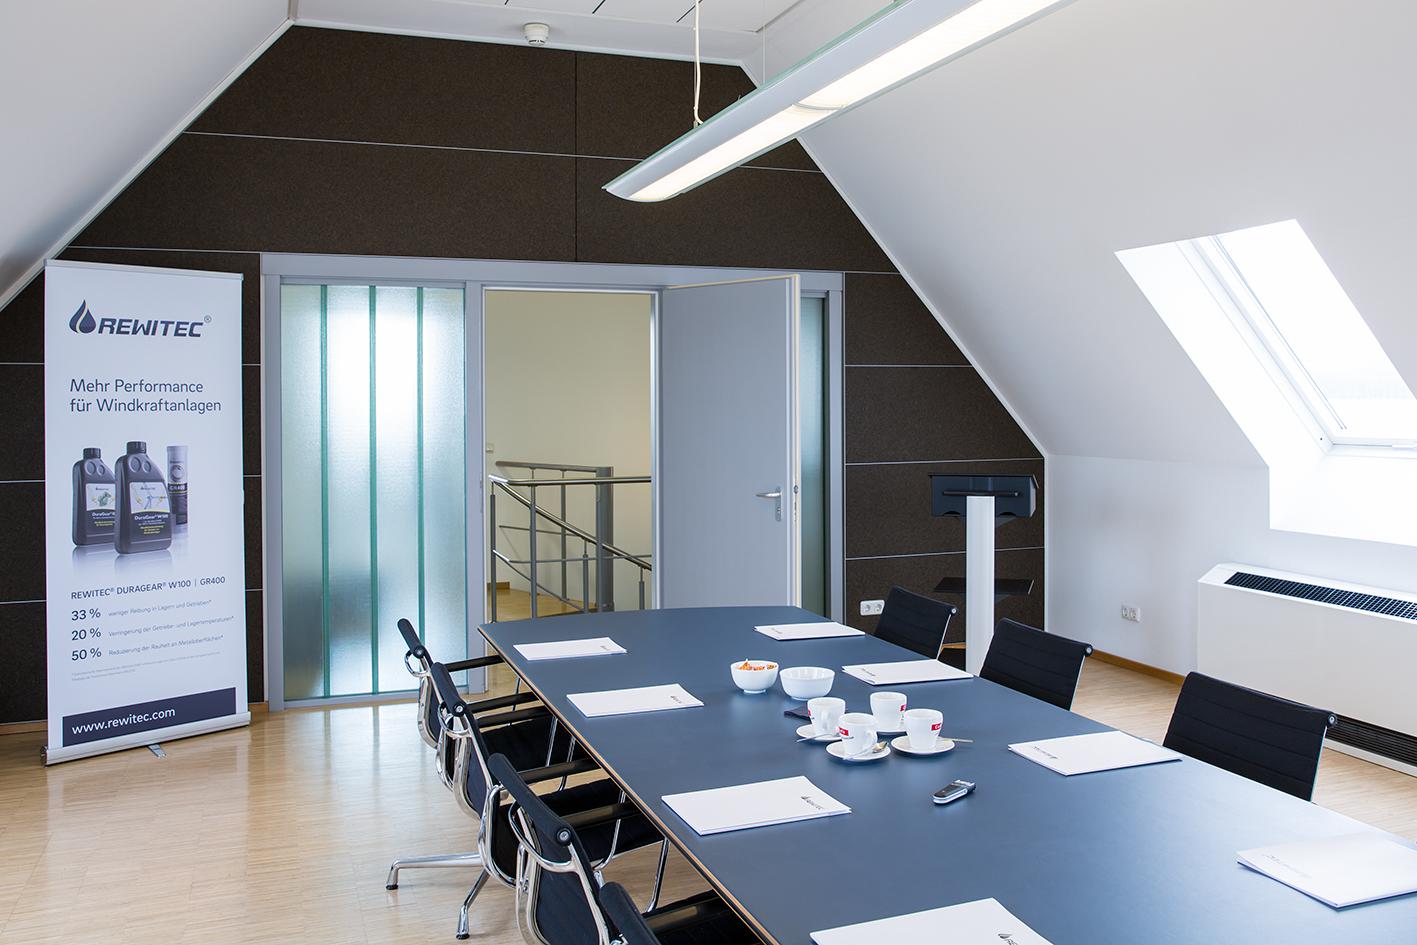 Freie Arbeit für Medienagentur Hallenberger, Rewitec GmbH Lahnau